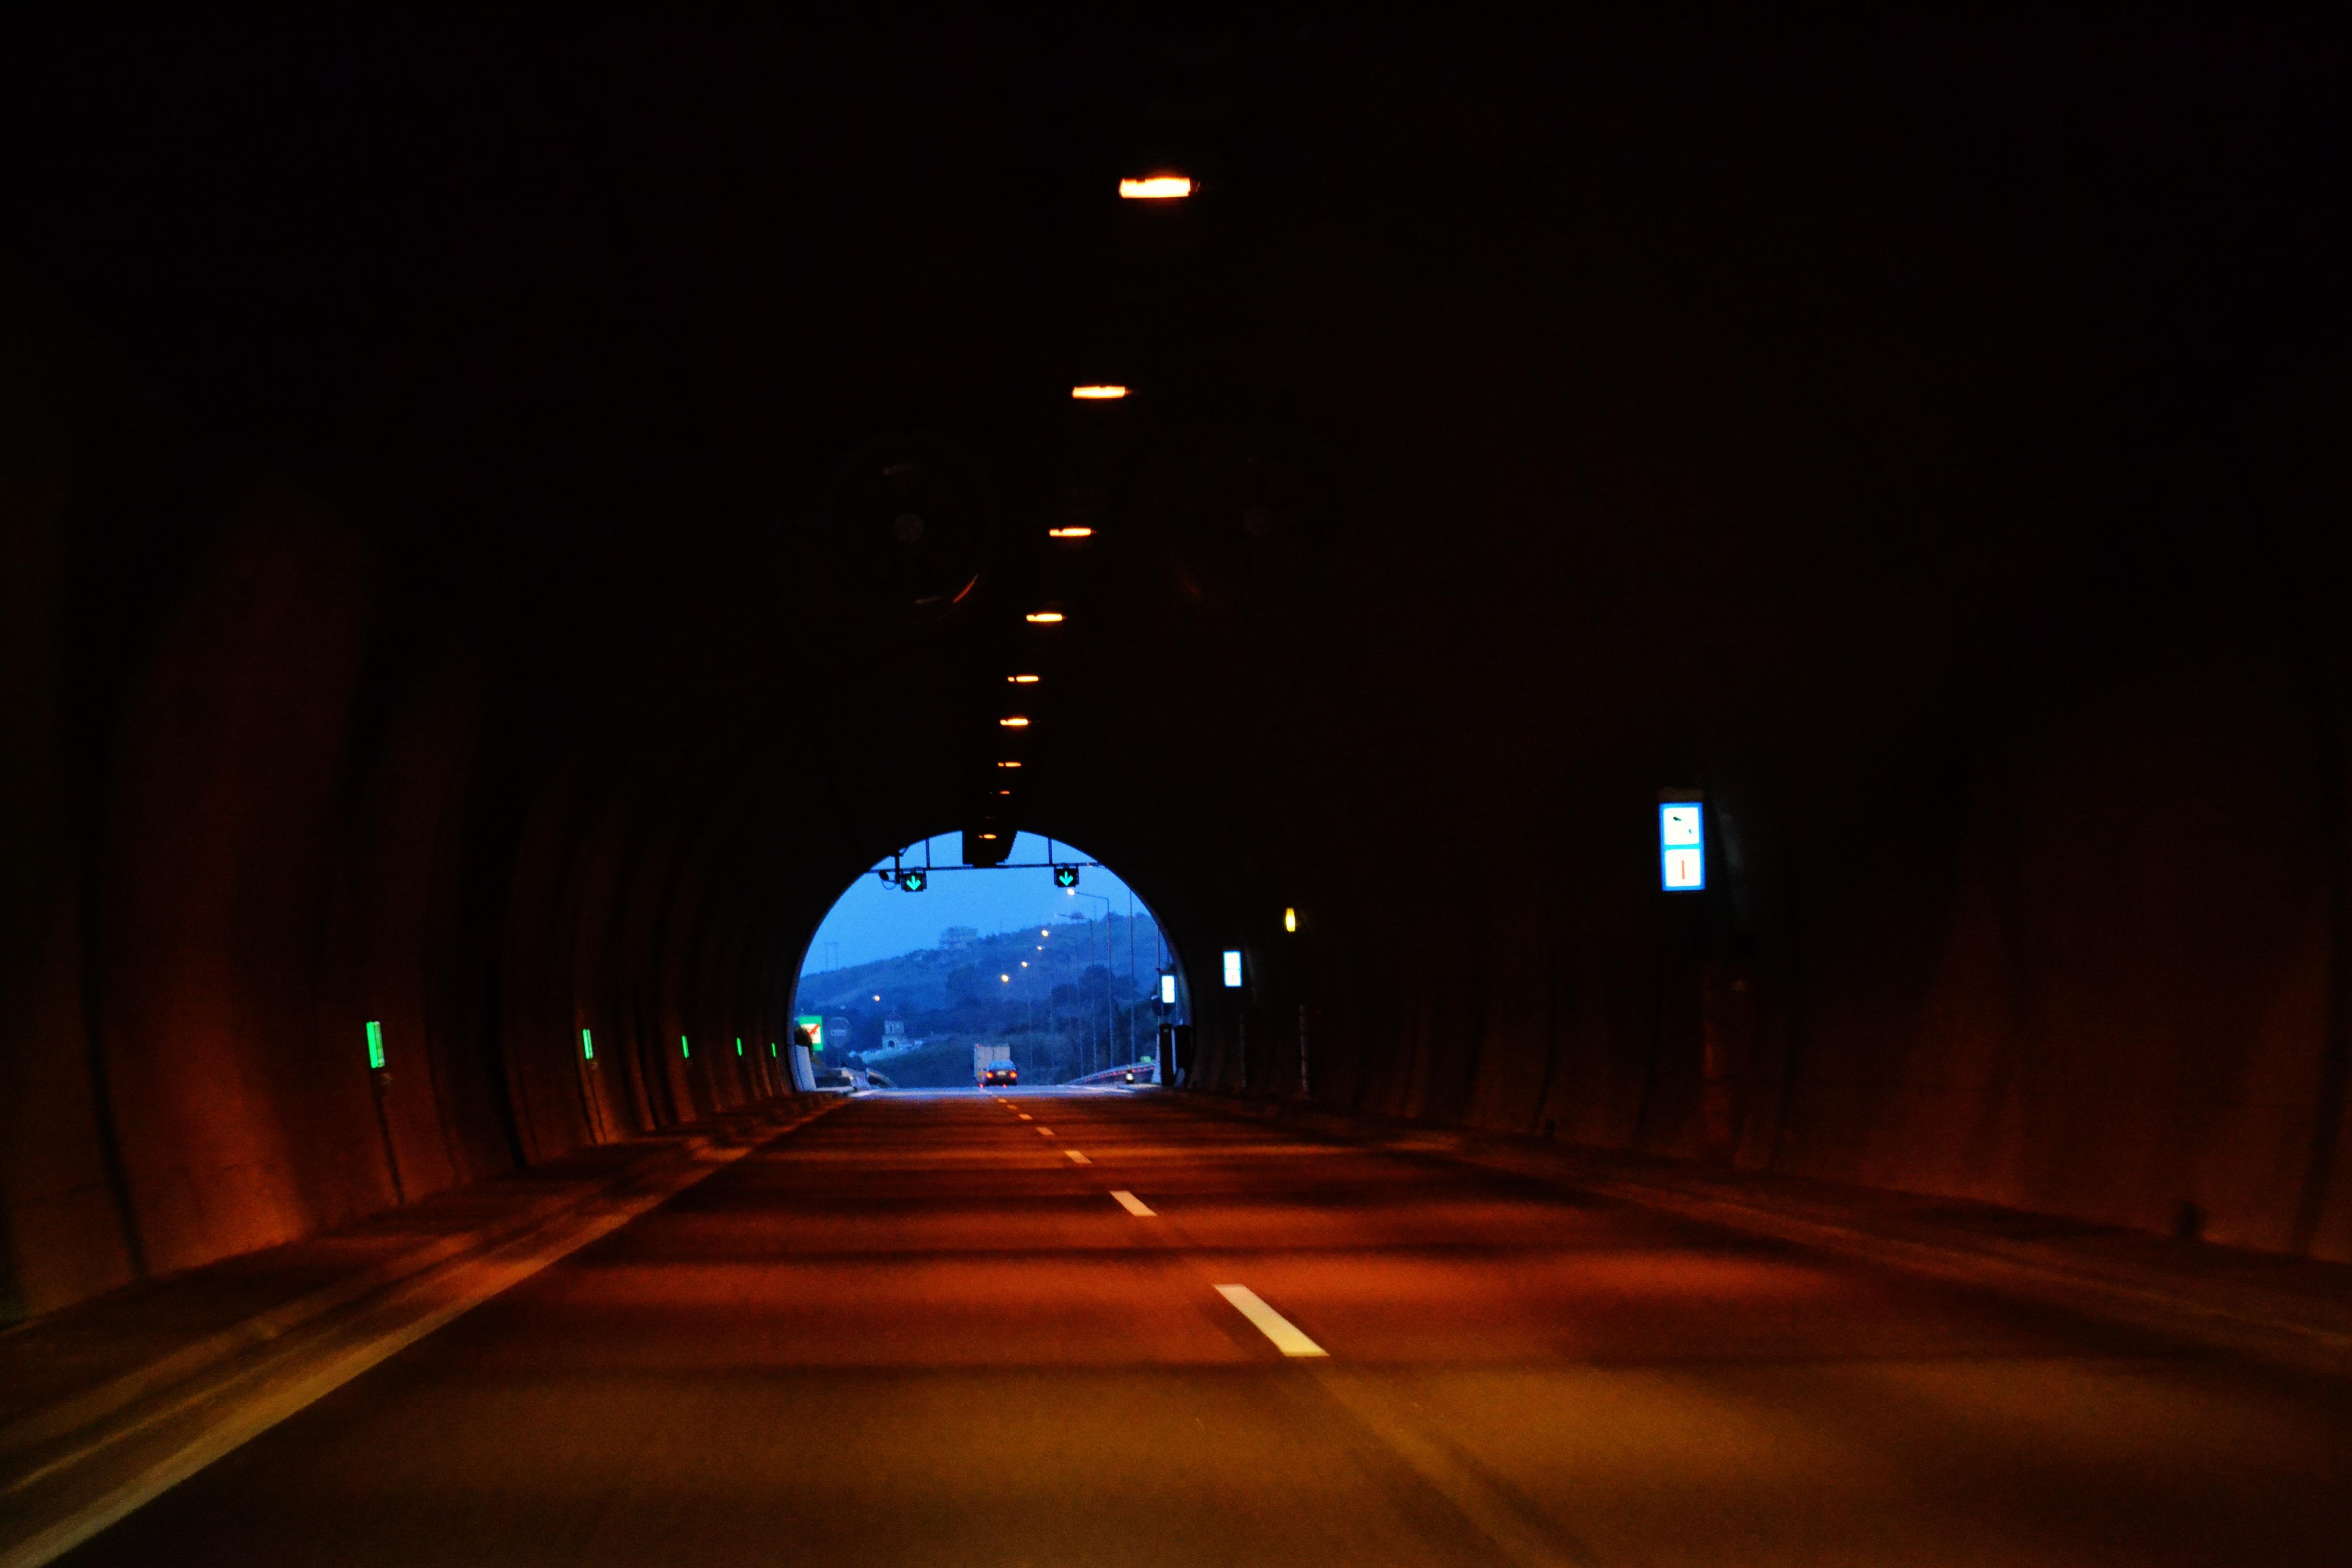 Gratis Afbeeldingen : pad, weg, nacht, ontsnappen, avontuur, donker ...